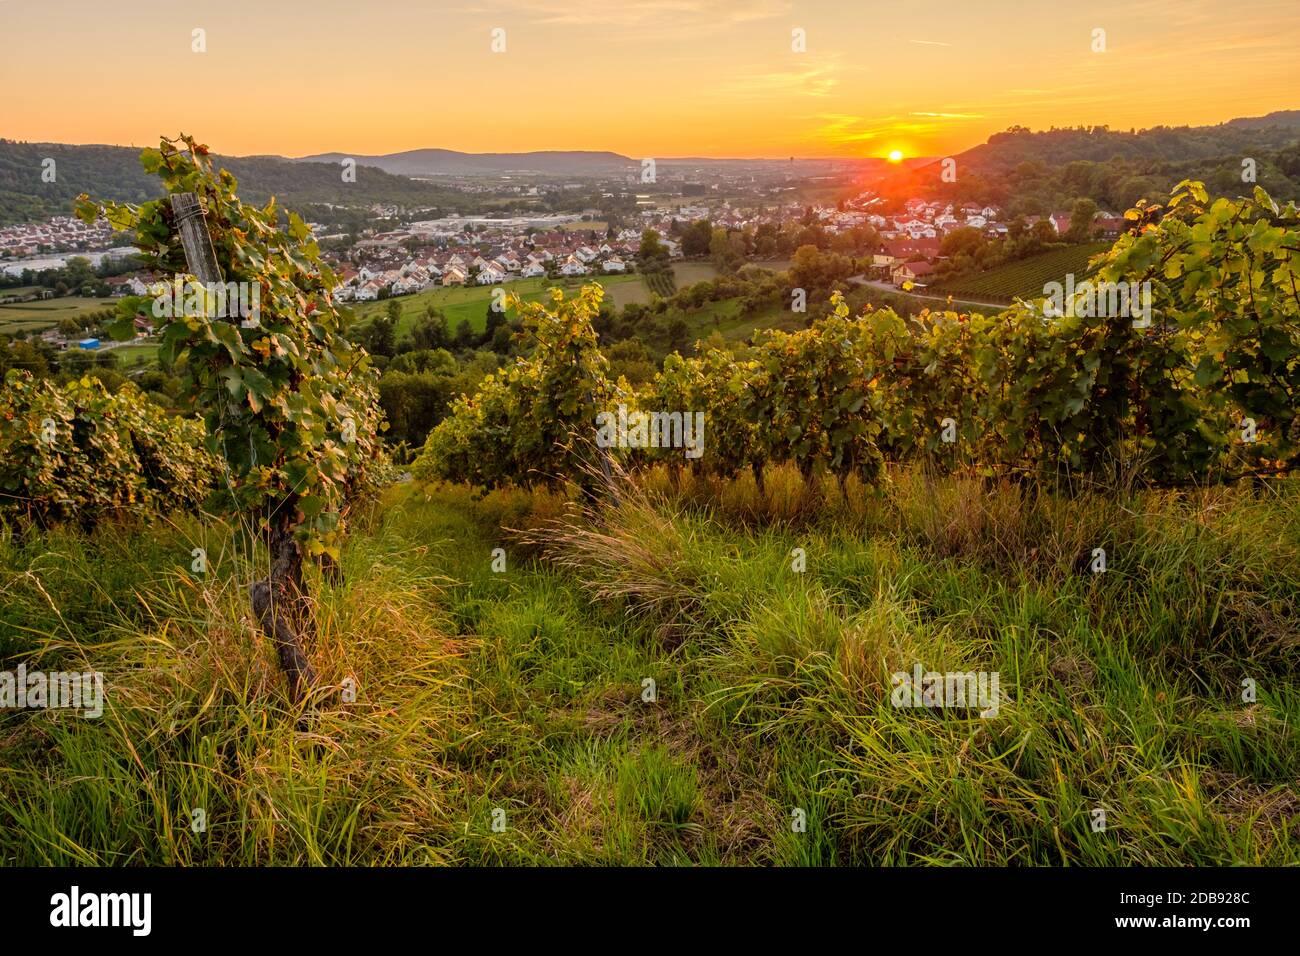 Sonnenuntergang im Weinberg Weitwinkel Landschaft Stock Photo